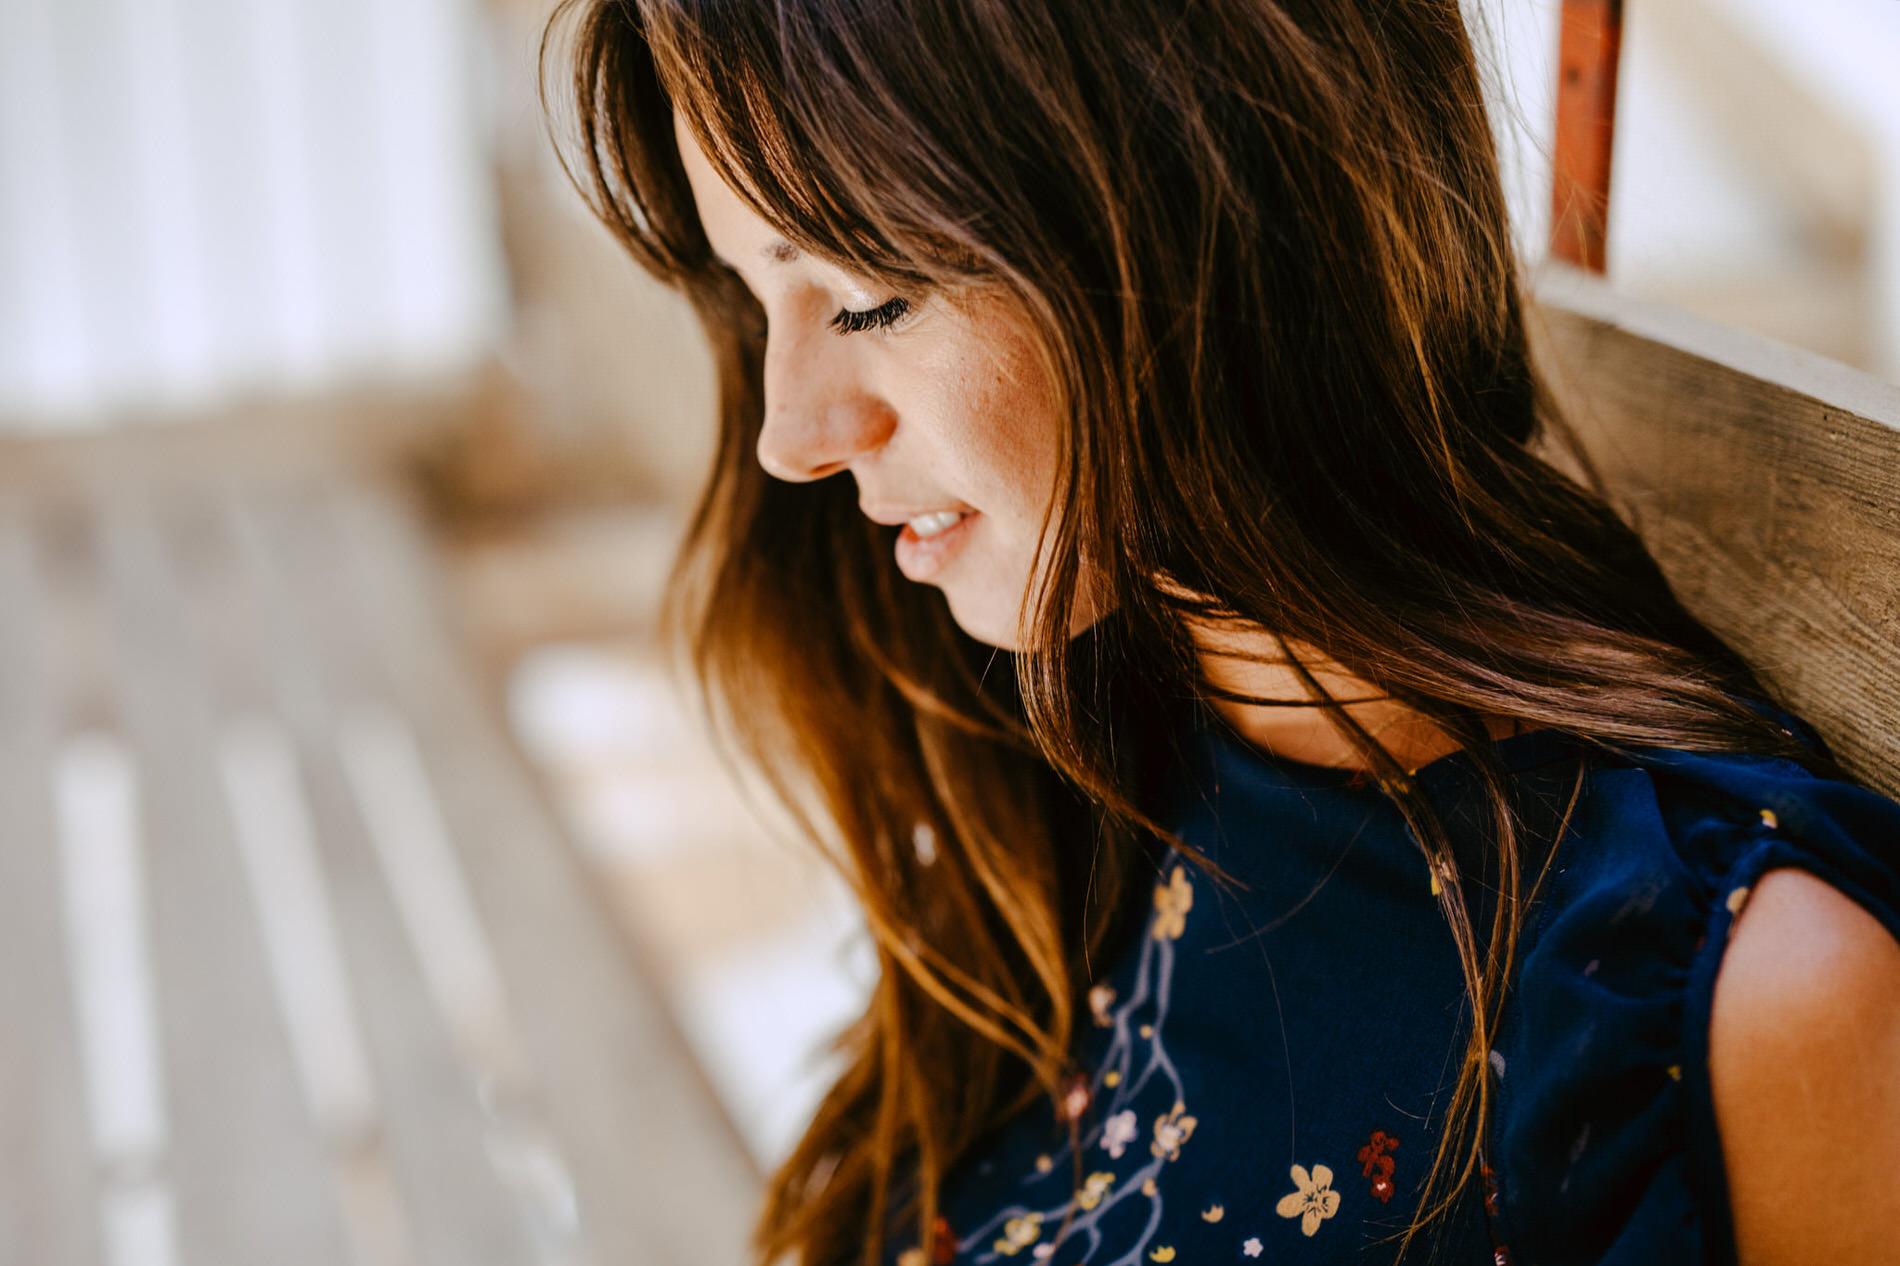 portraits intimistes femmes fontainebleau - séance portrait boudoir fontainebleau - portrait de femme au naturel seine et marne - photographe portrait ile de france - lucie atlan photographe